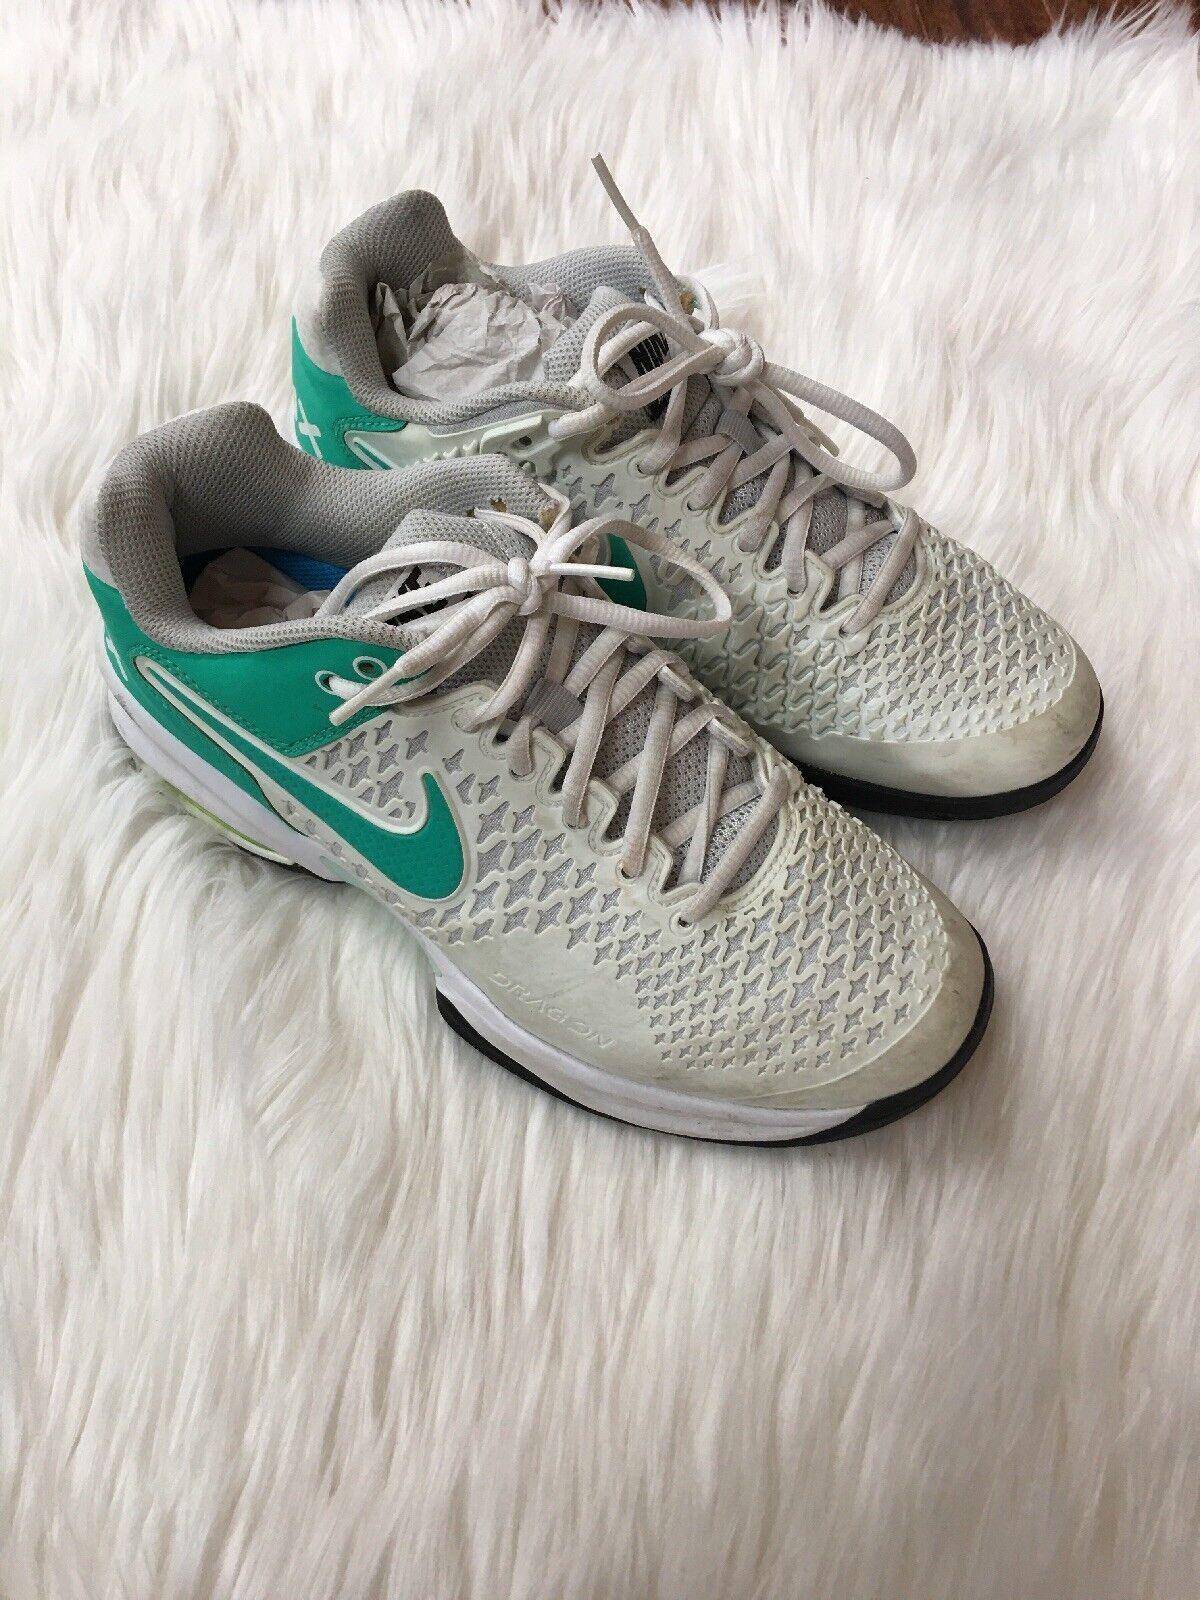 Nike air max drachen käfig blaugrün, blau - weiße größe 7,5 ortholite schuhe für frauen